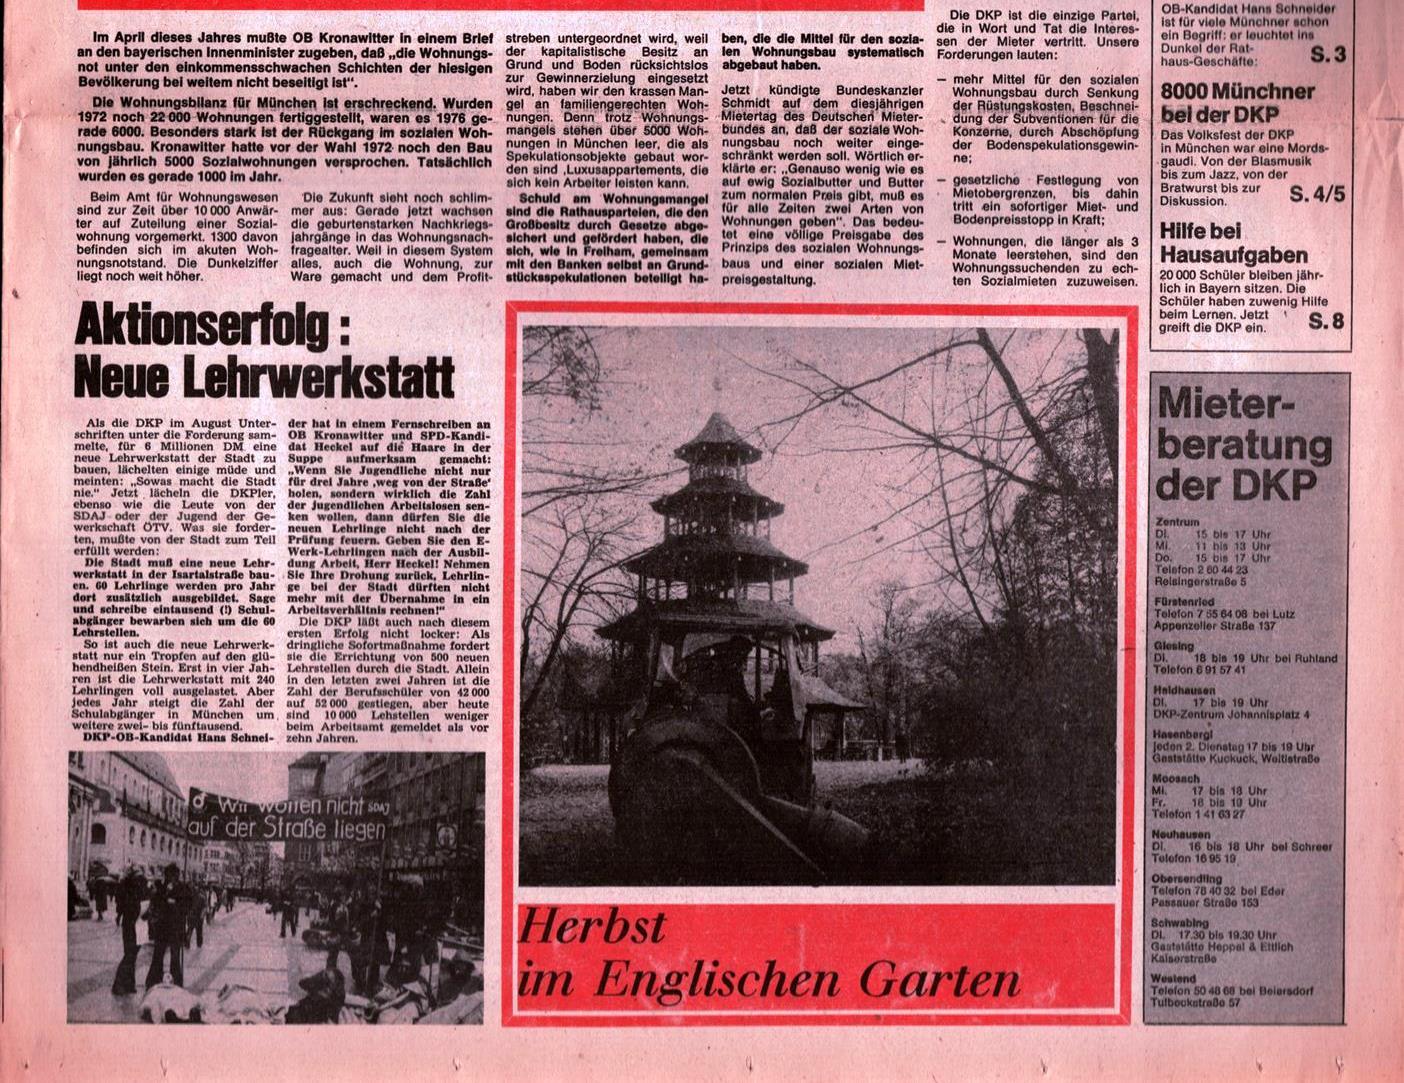 Muenchen_DKP_Neues_Muenchen_19771000_010_002